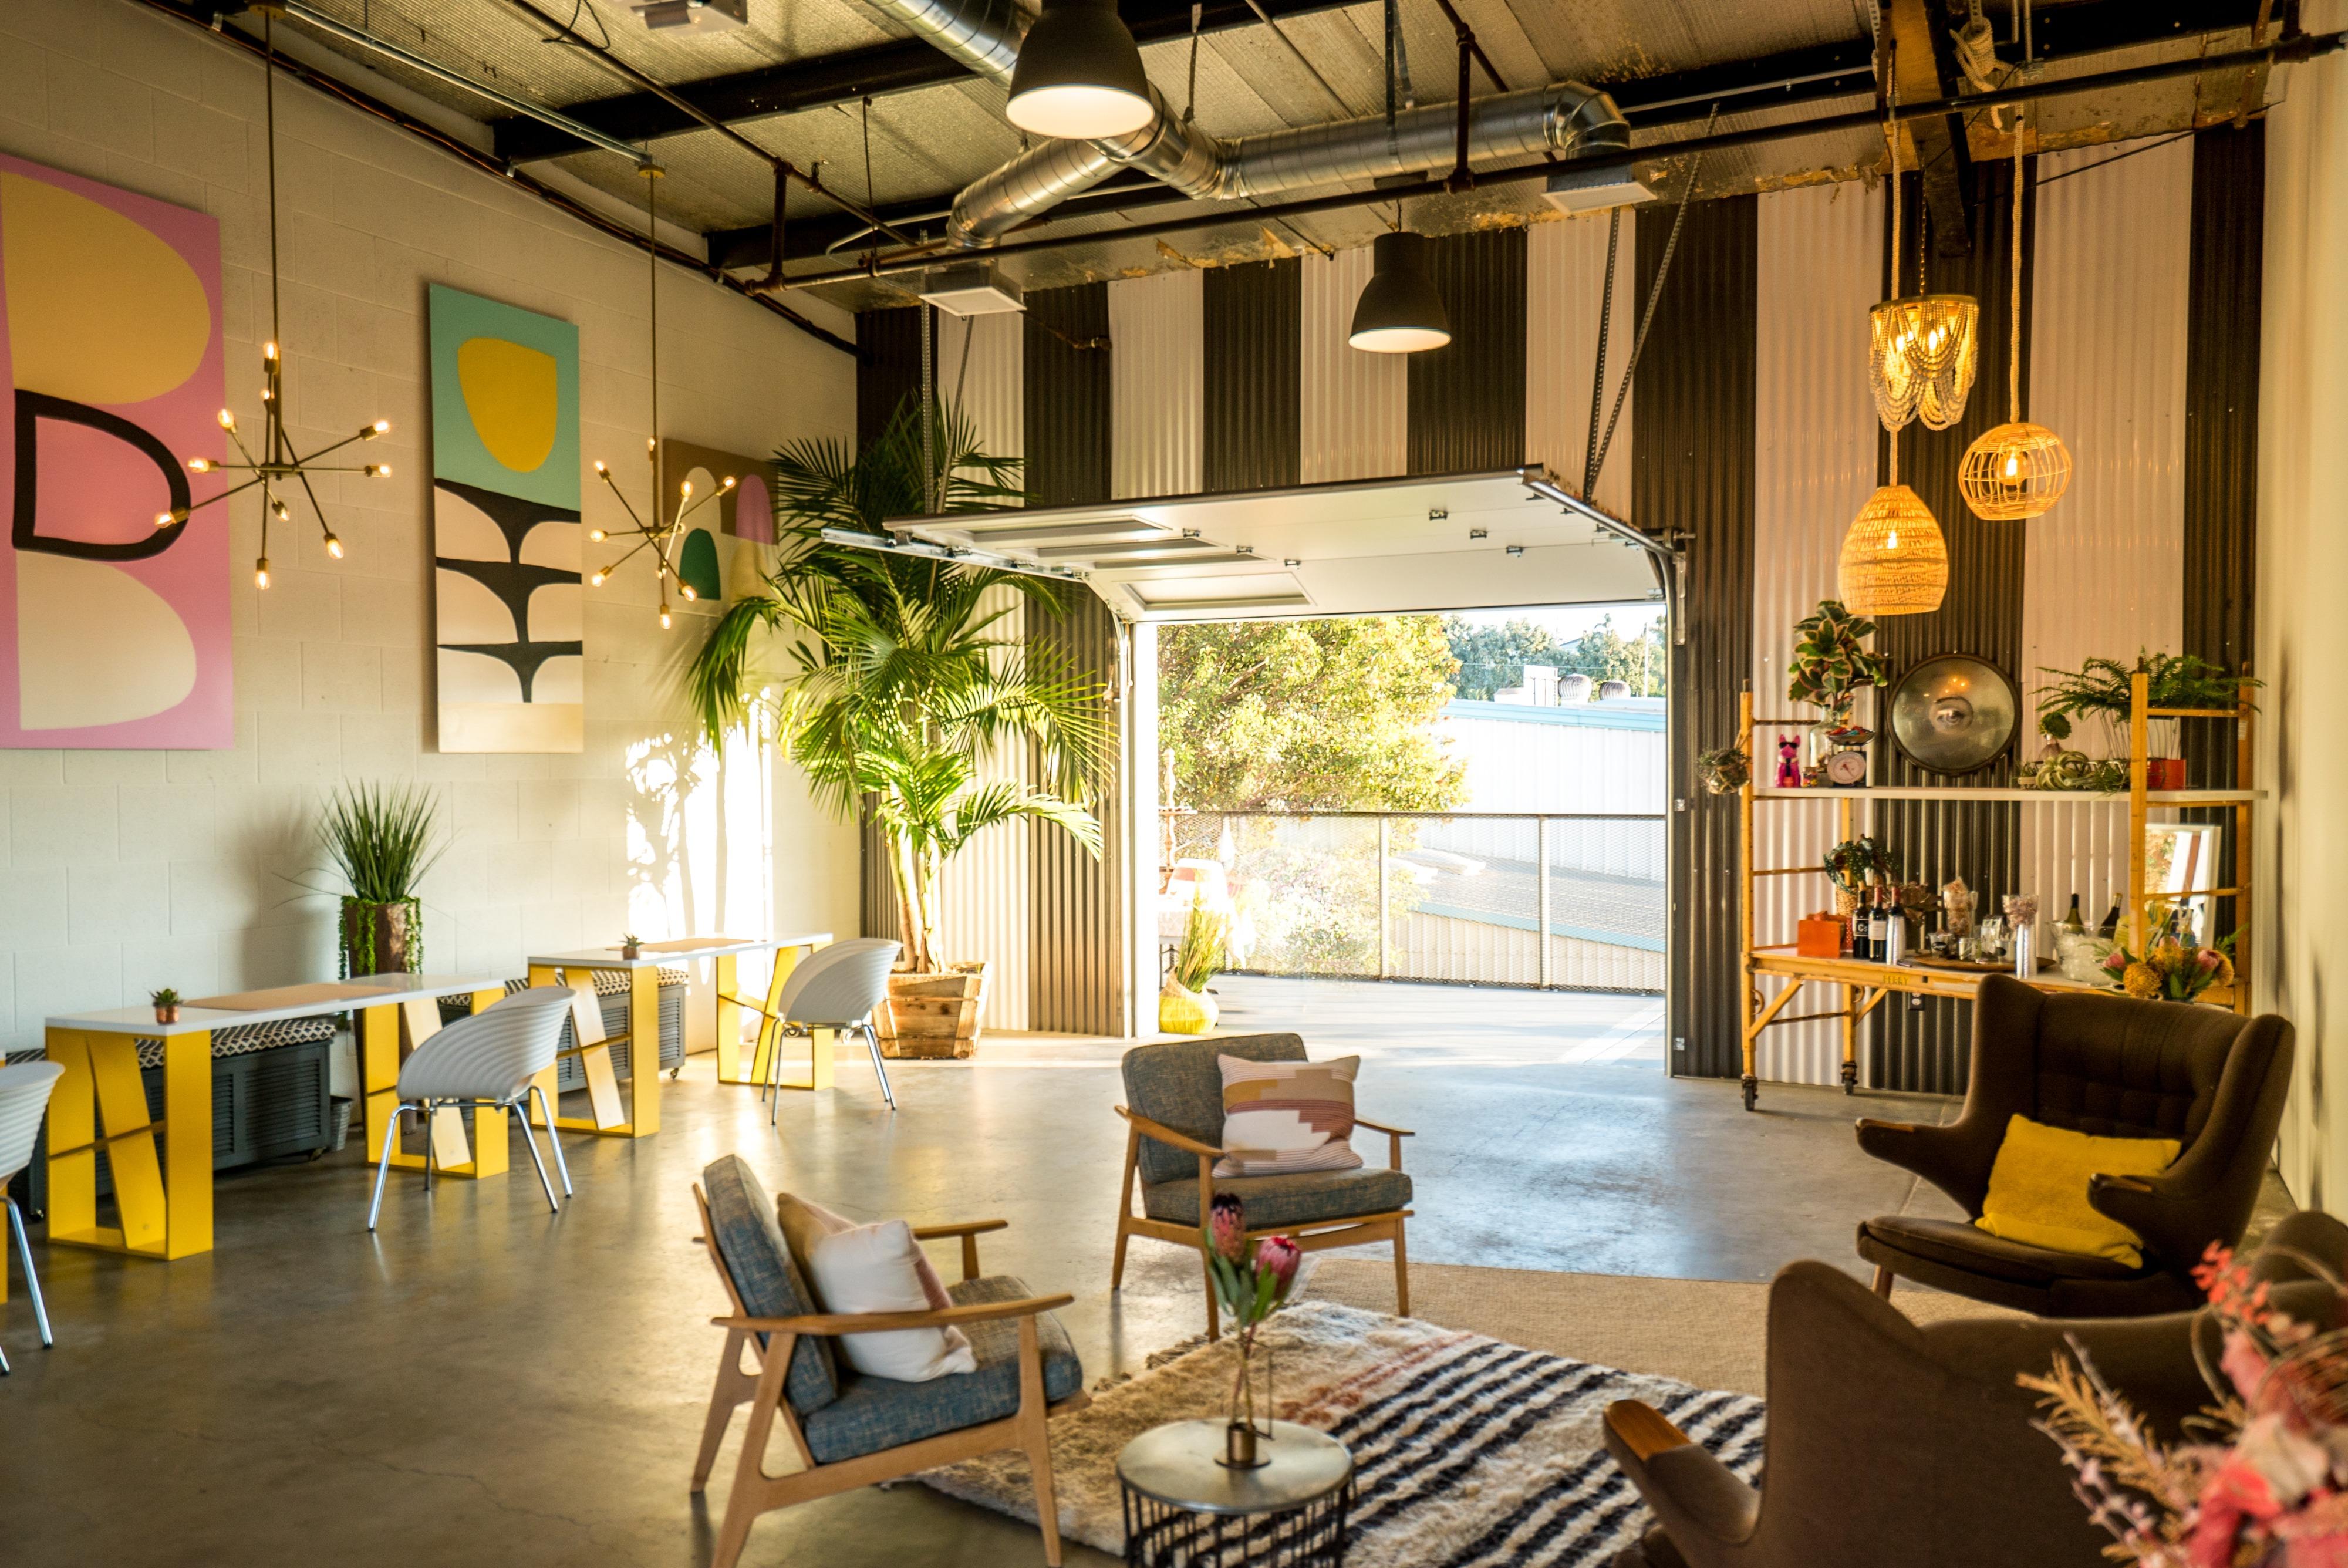 Event Studio in La Mesa